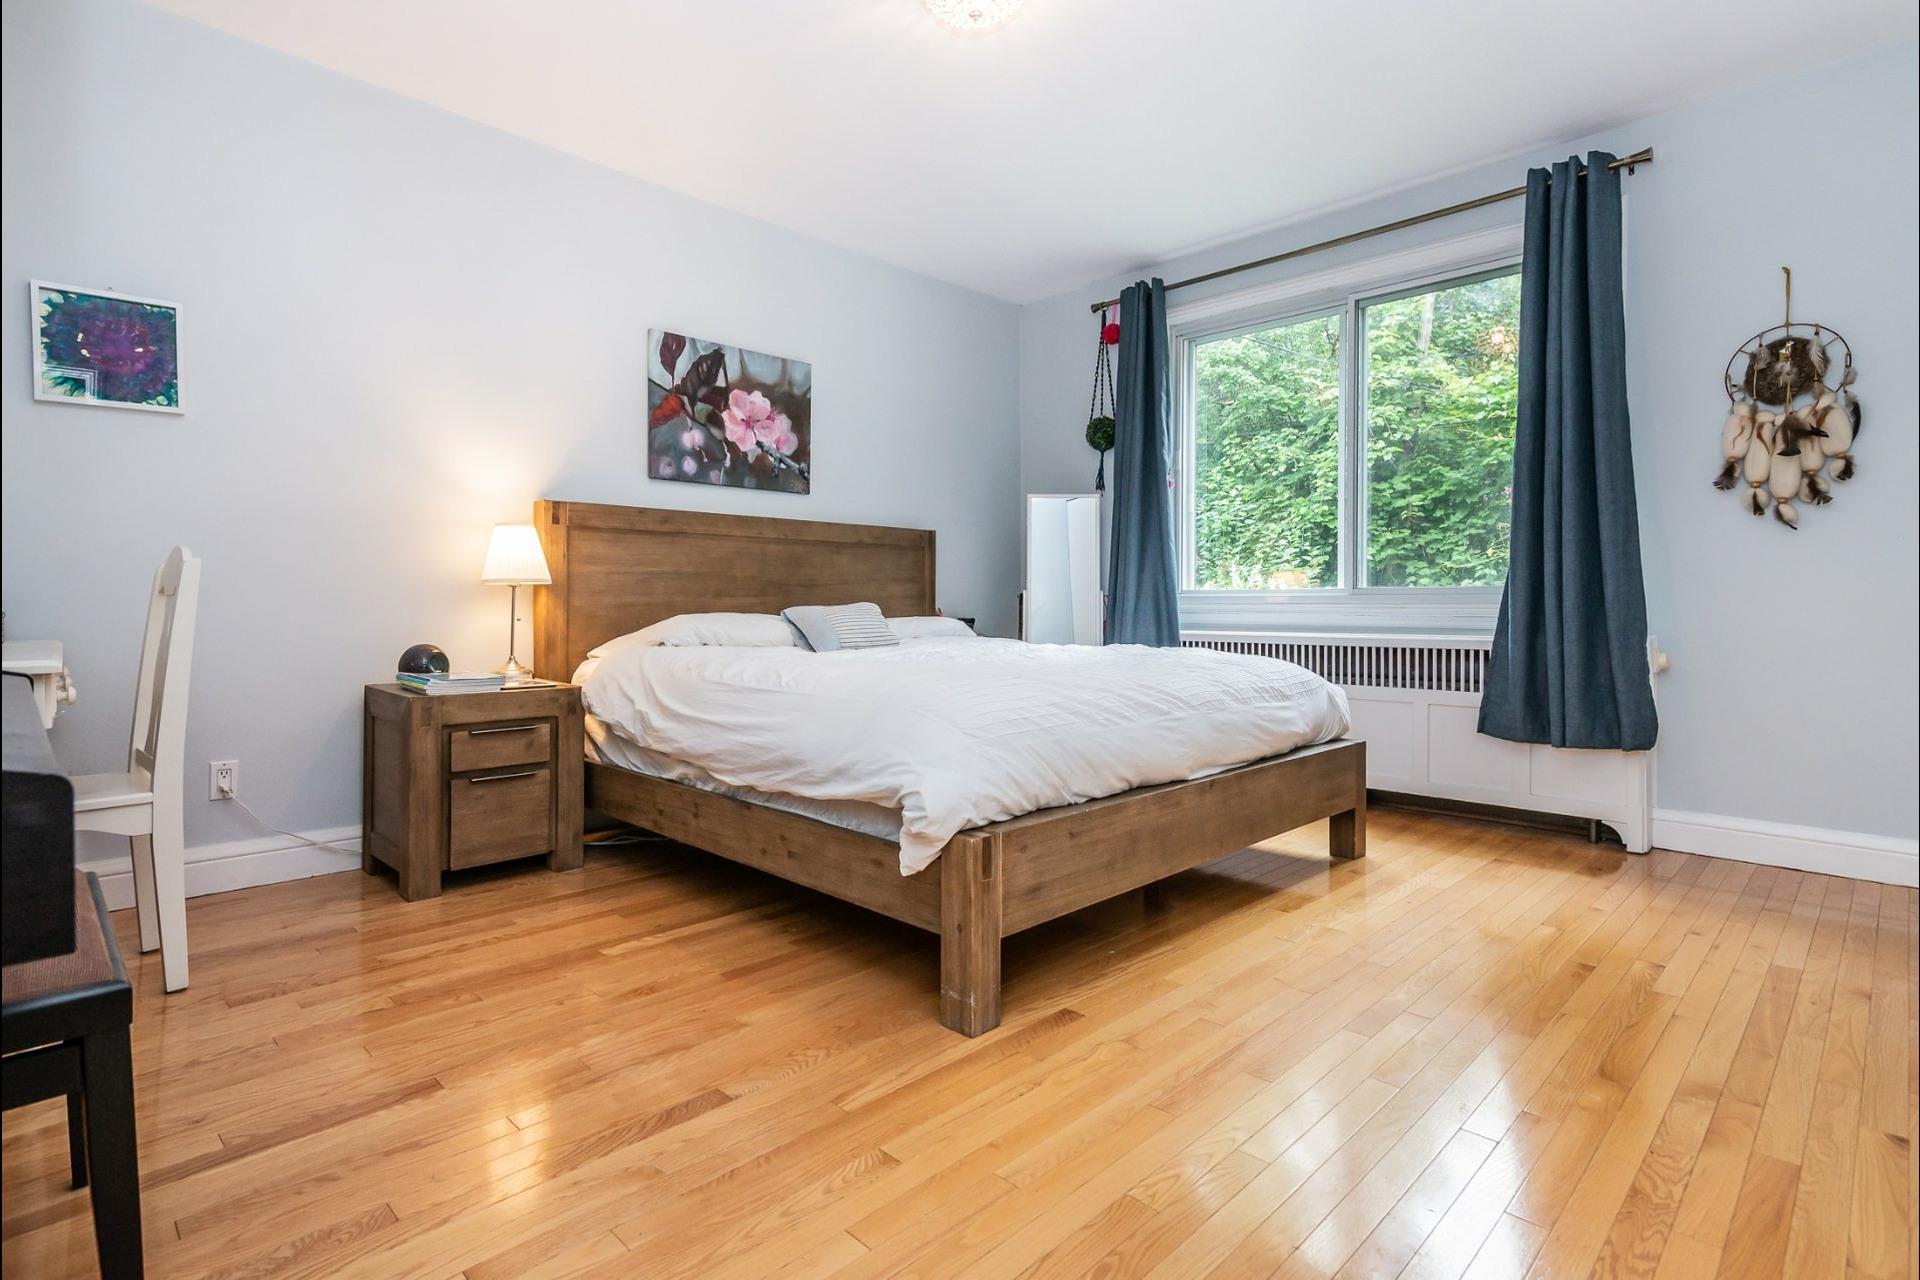 image 12 - Appartement À louer Montréal Côte-des-Neiges/Notre-Dame-de-Grâce  - 7 pièces